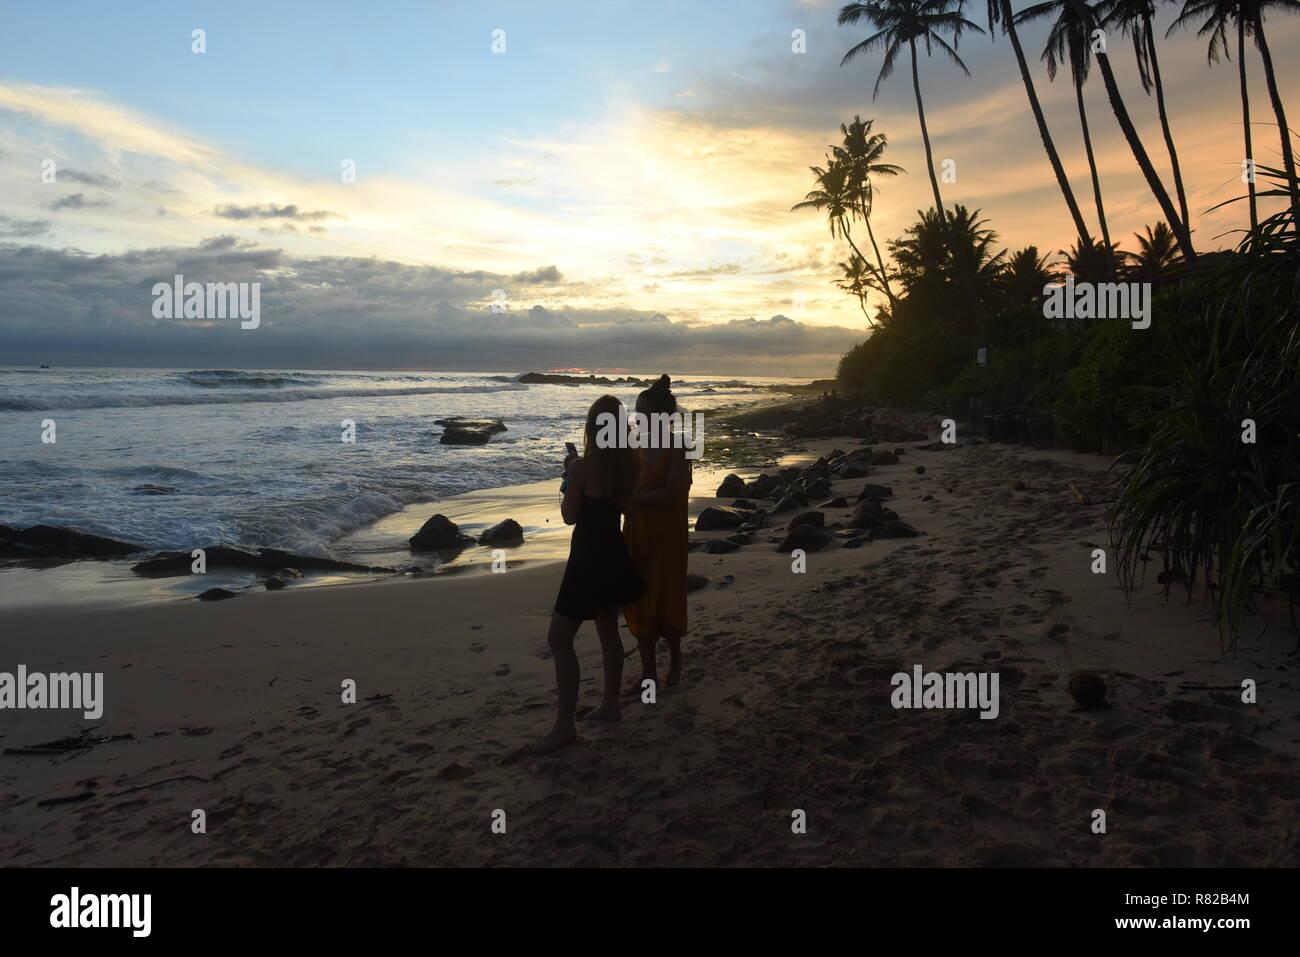 sunset on coconut plantation, gurubebila beach, Midigama, Sri Lanka - Stock Image